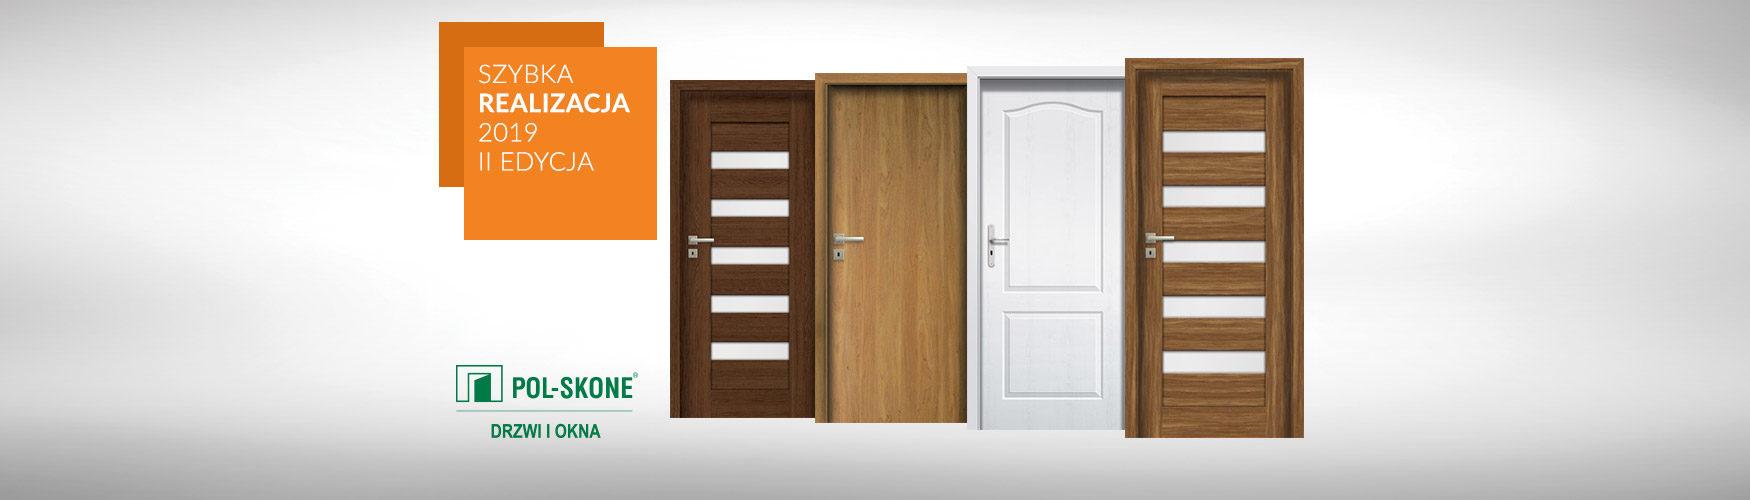 Drzwi Pol-Skone Szybka Realizacja Slide